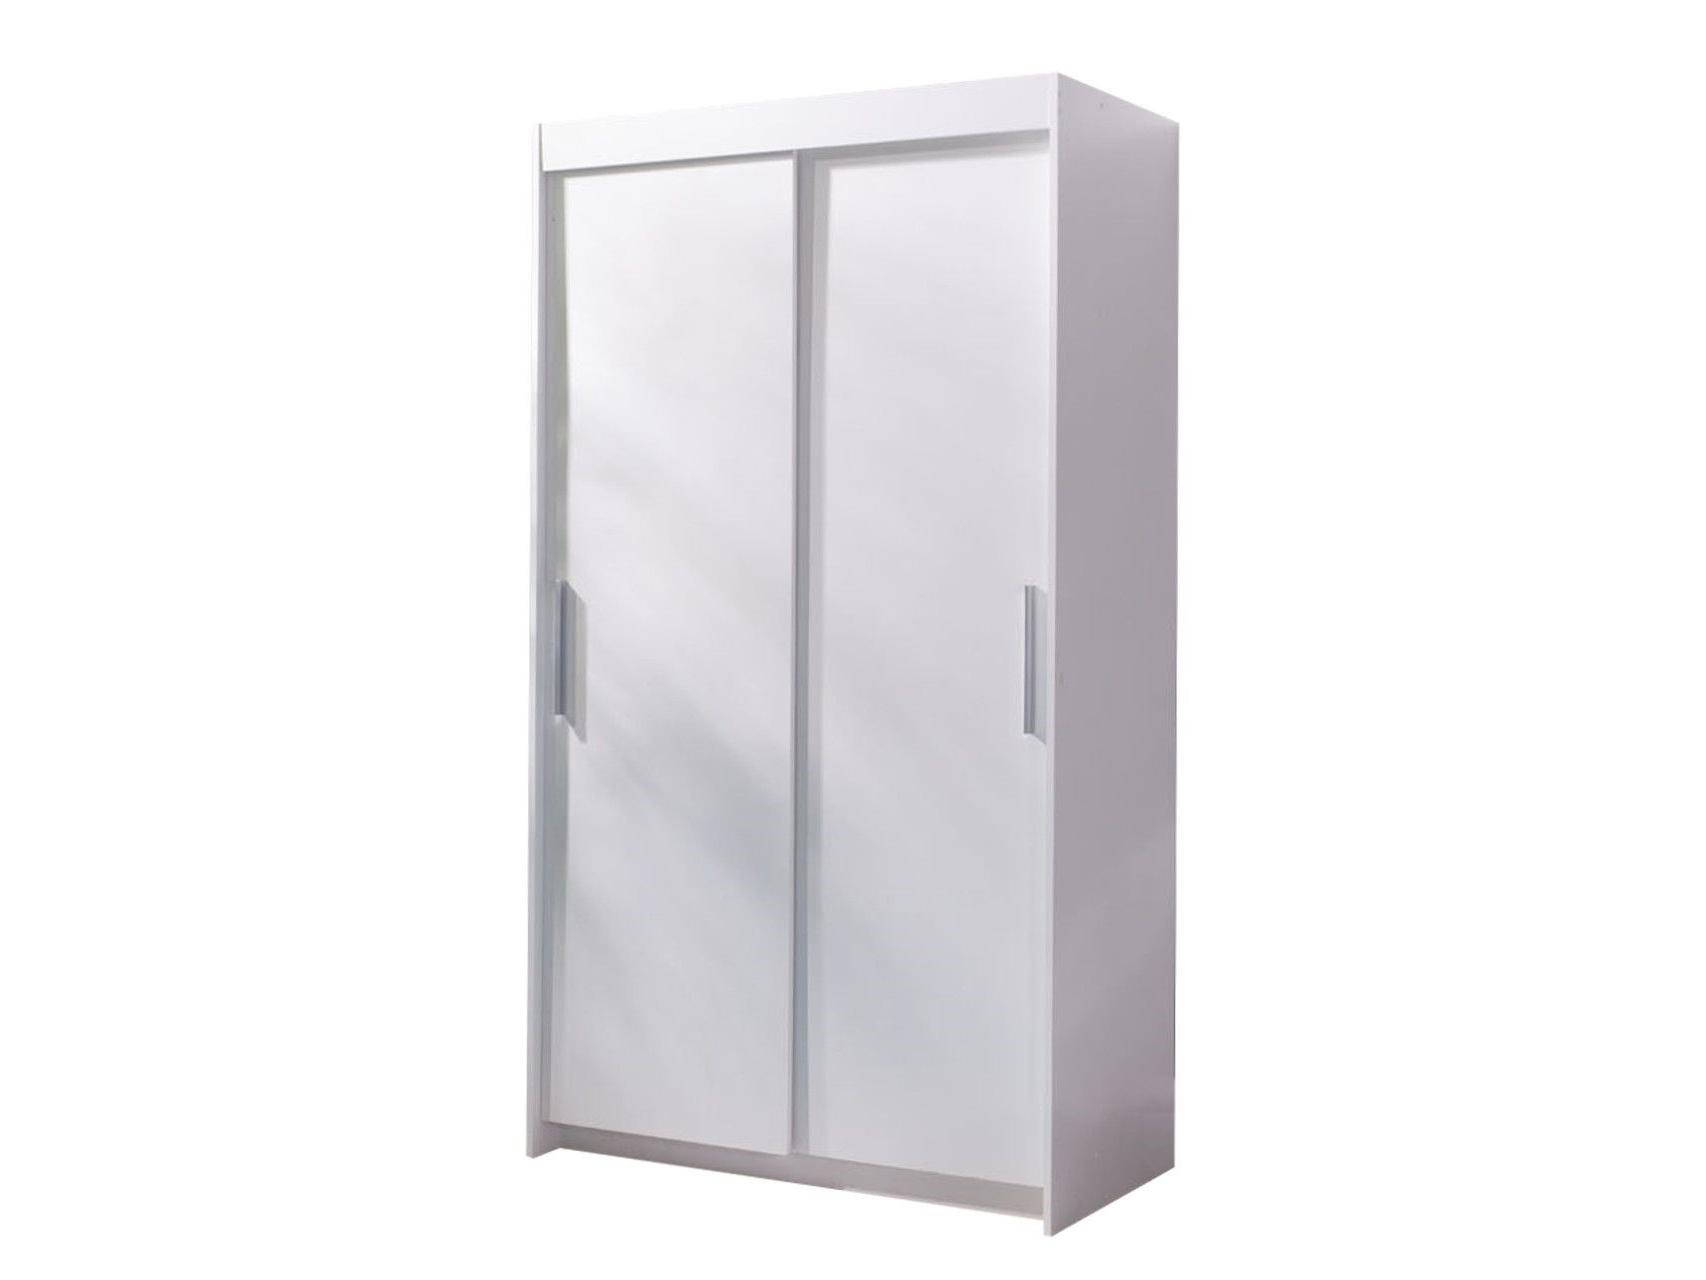 Šatní skříň - Kenton 120 (bílá)